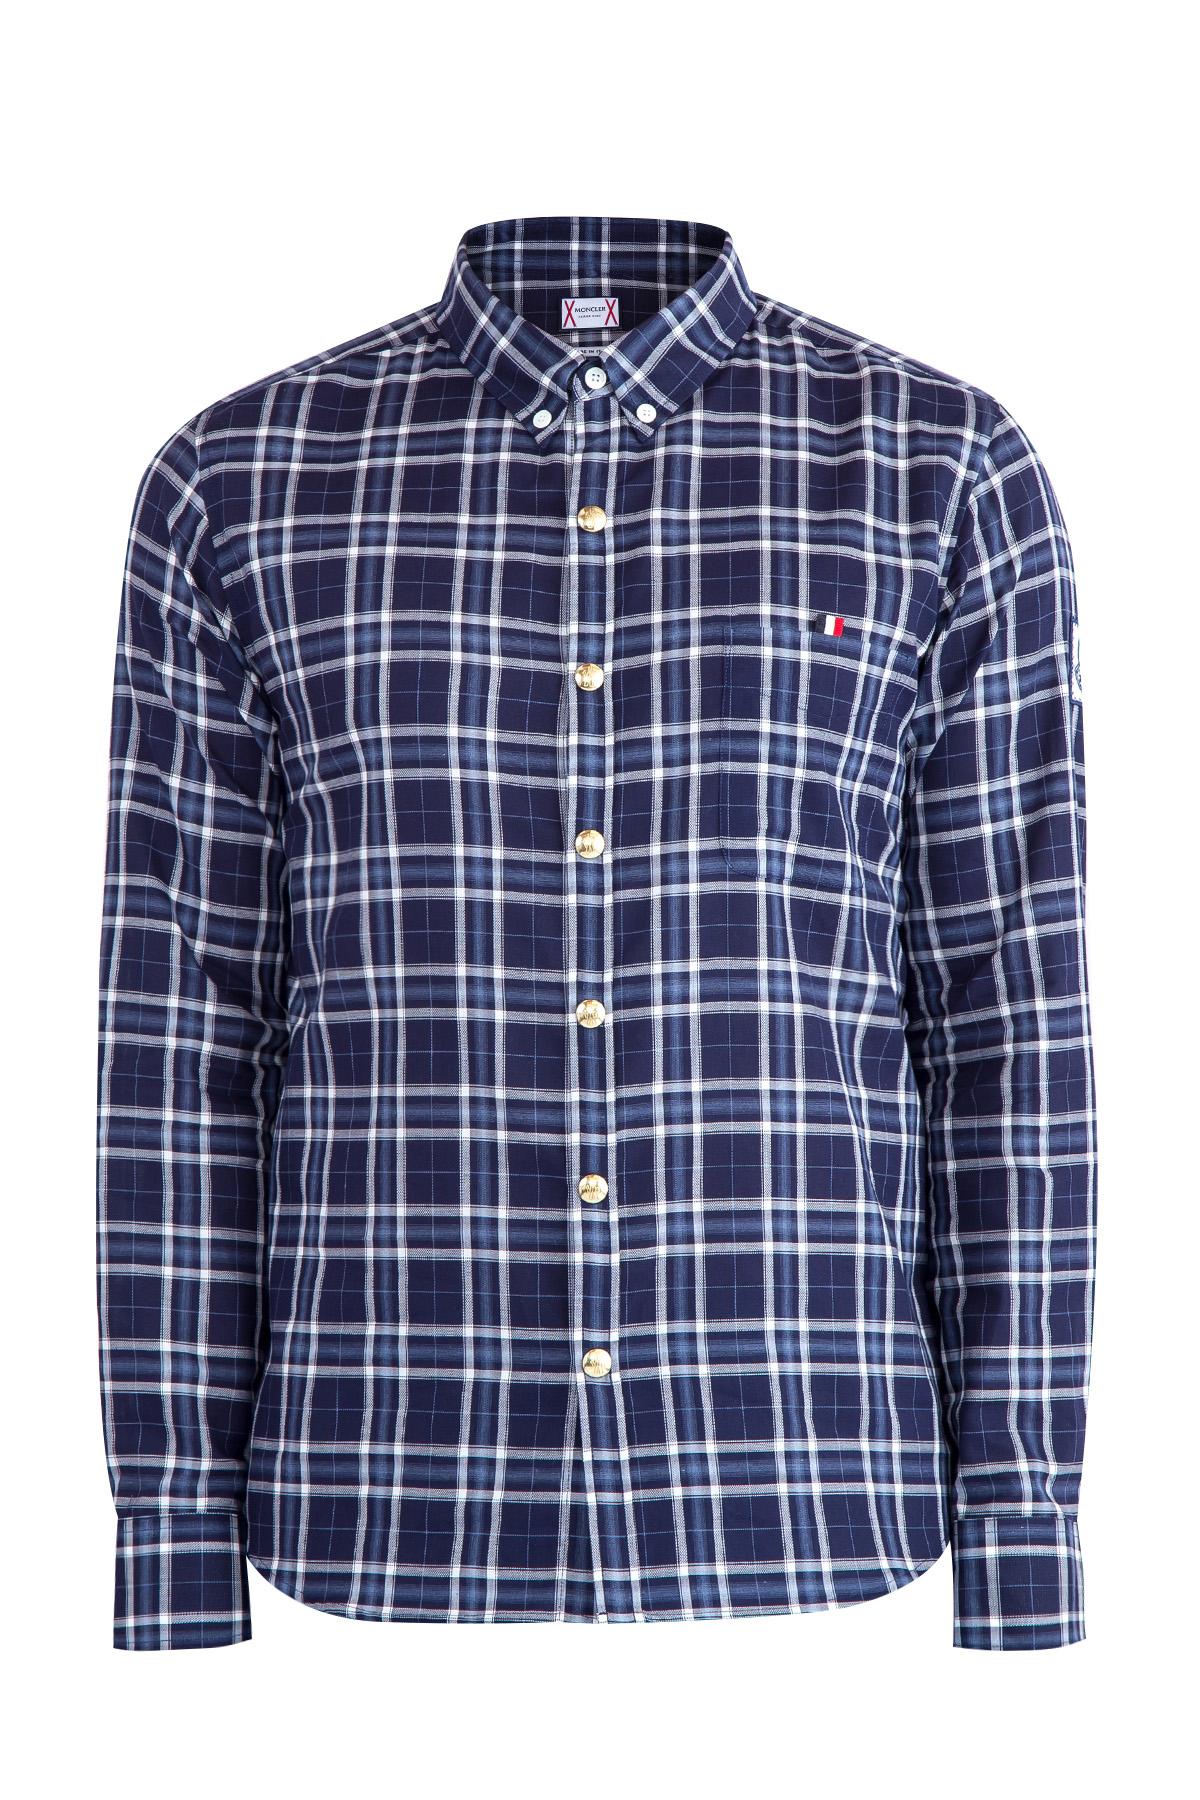 Купить Рубашка, MONCLER, Италия, хлопок 100%